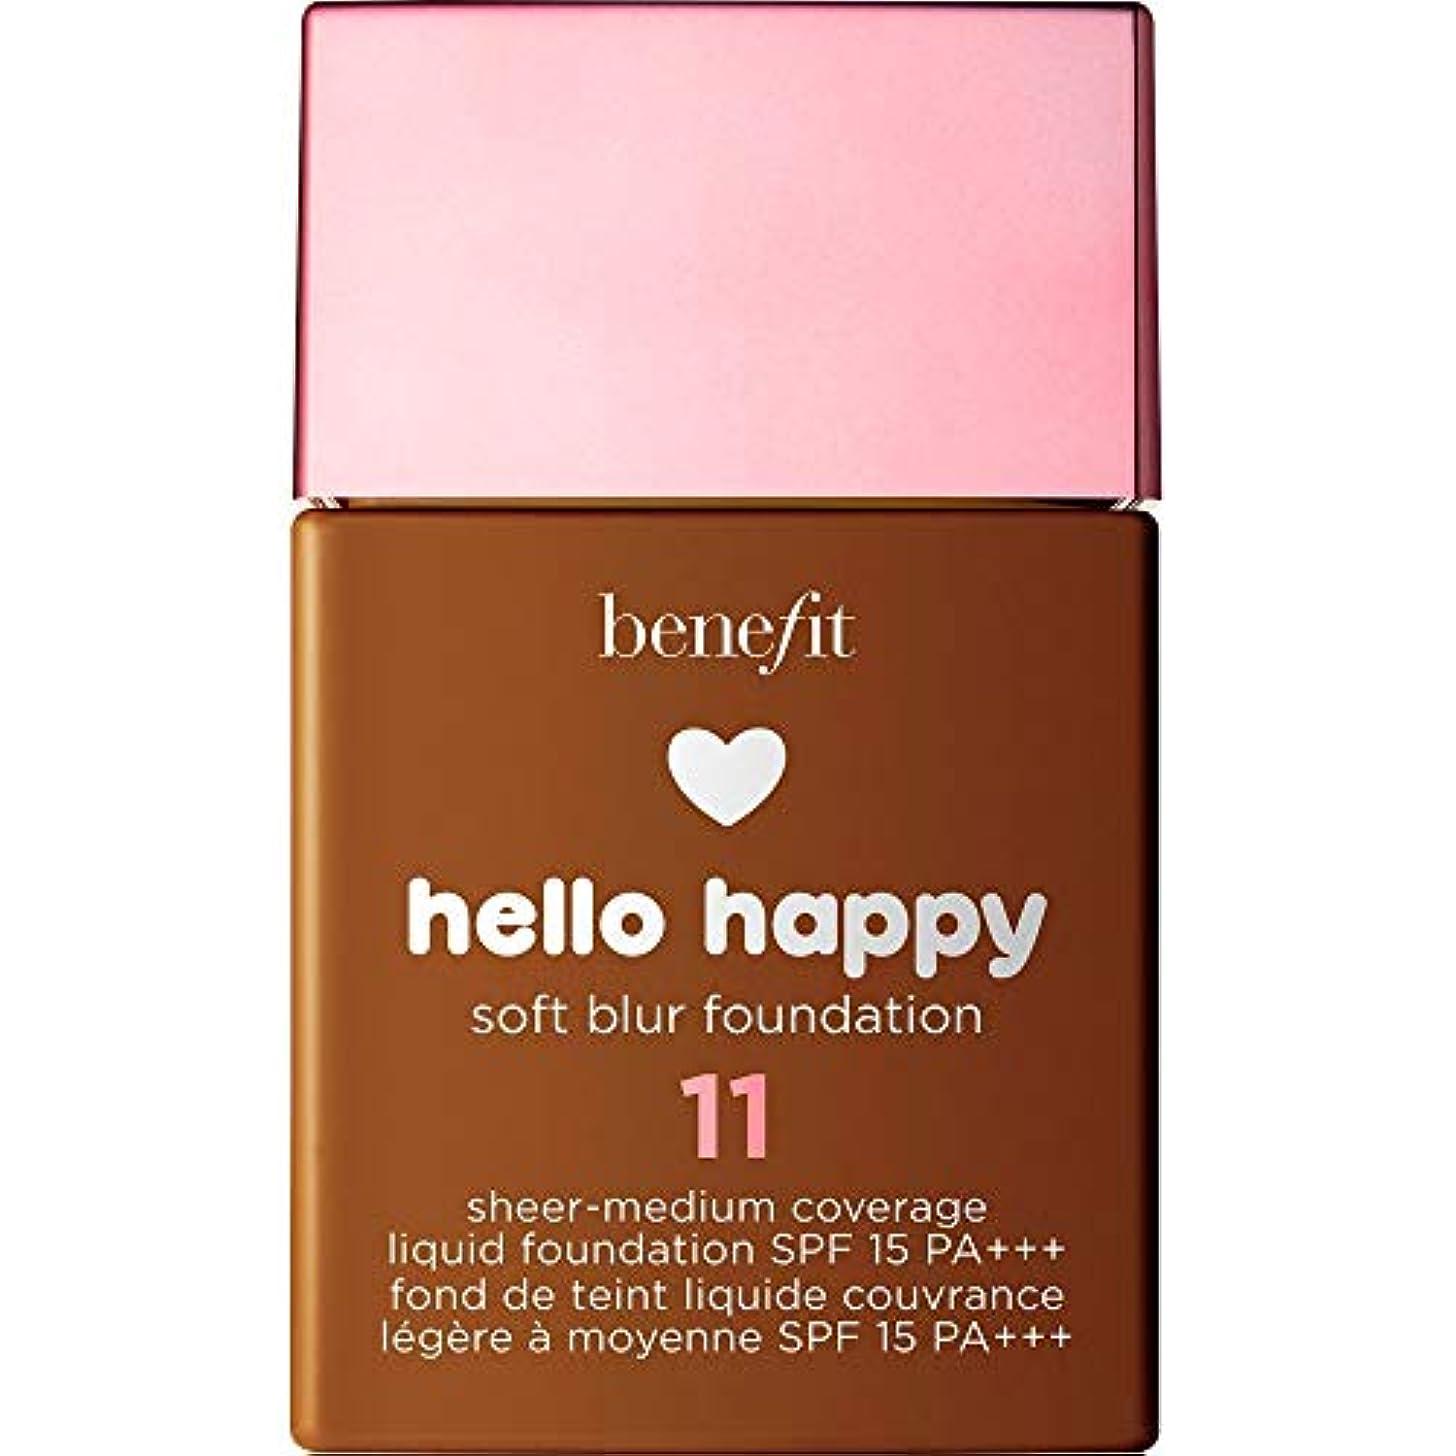 フォーマル山積みの敏感な[Benefit ] 利点は、ハロー幸せソフトブラー基礎Spf15 30ミリリットル11 - ダークニュートラル - Benefit Hello Happy Soft Blur Foundation SPF15 30ml...